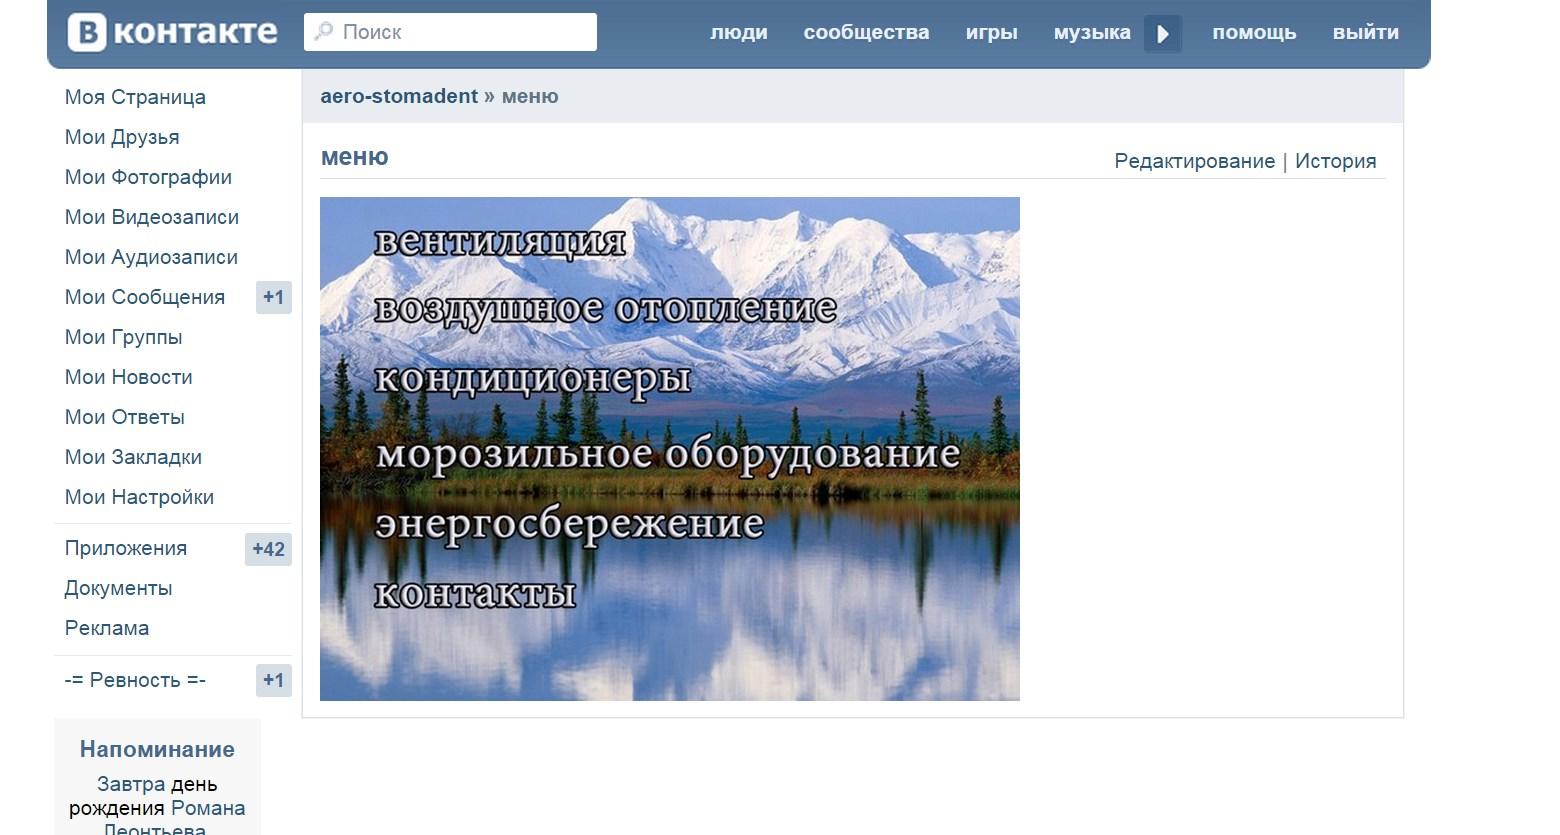 Как сделать меню вконтакте чтобы ссылки были на одном фото